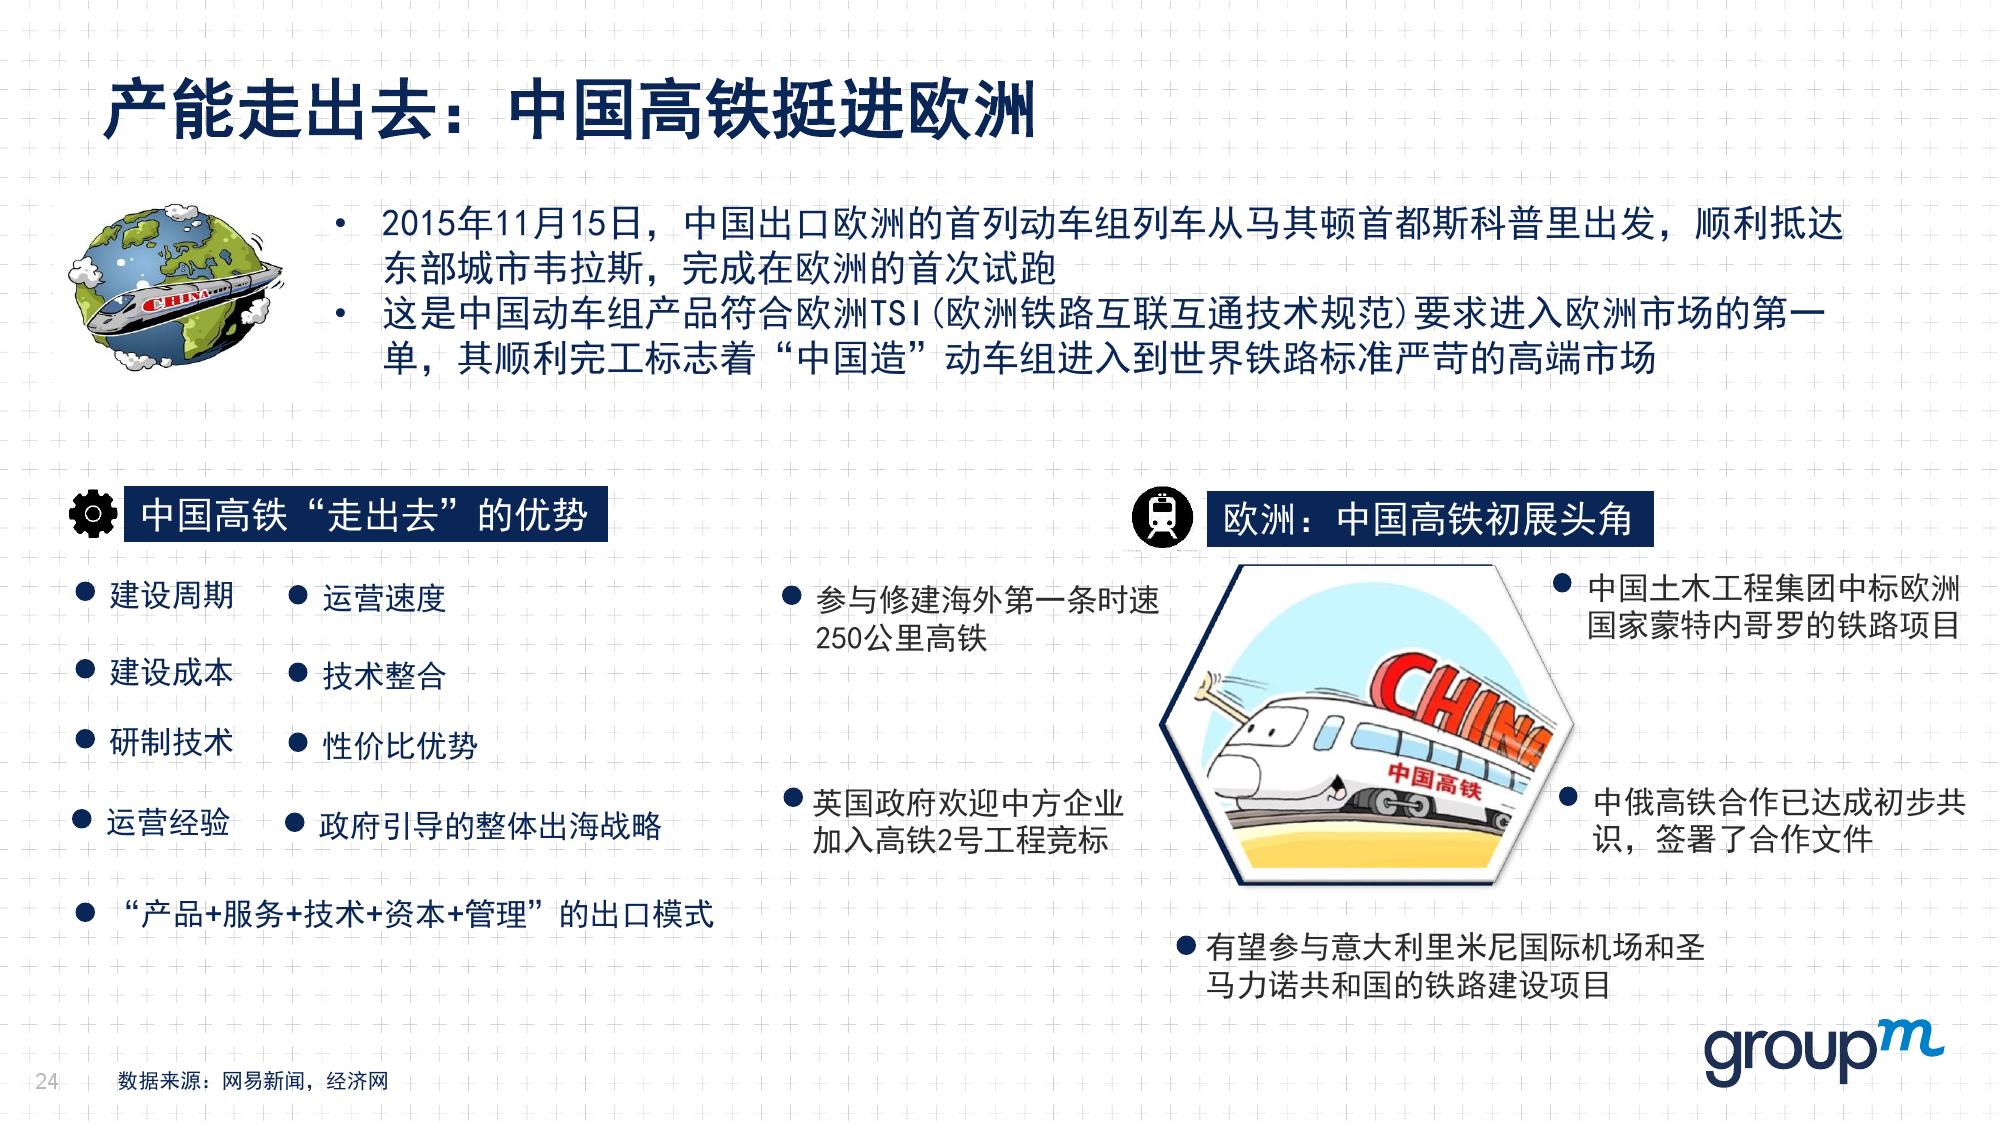 赢在中国2016:从需求刺激转向供给侧改革_000024